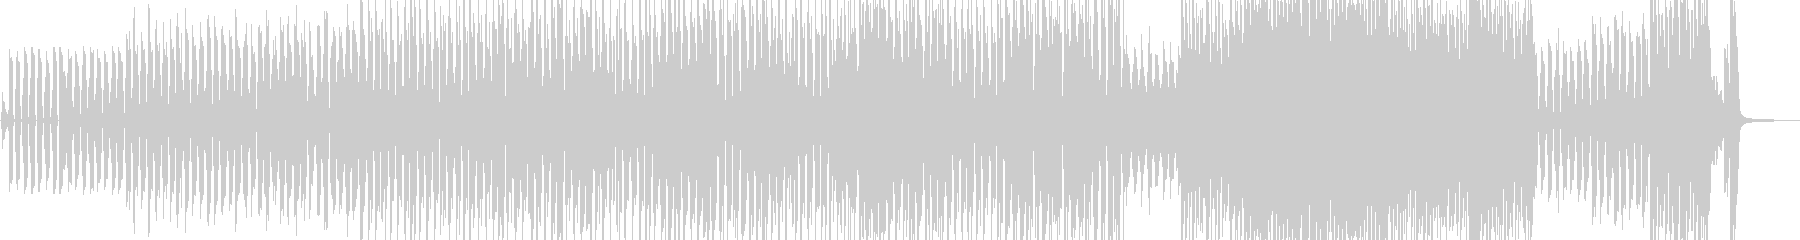 コミカルで可笑しなスィングジャズ Bの未再生の波形